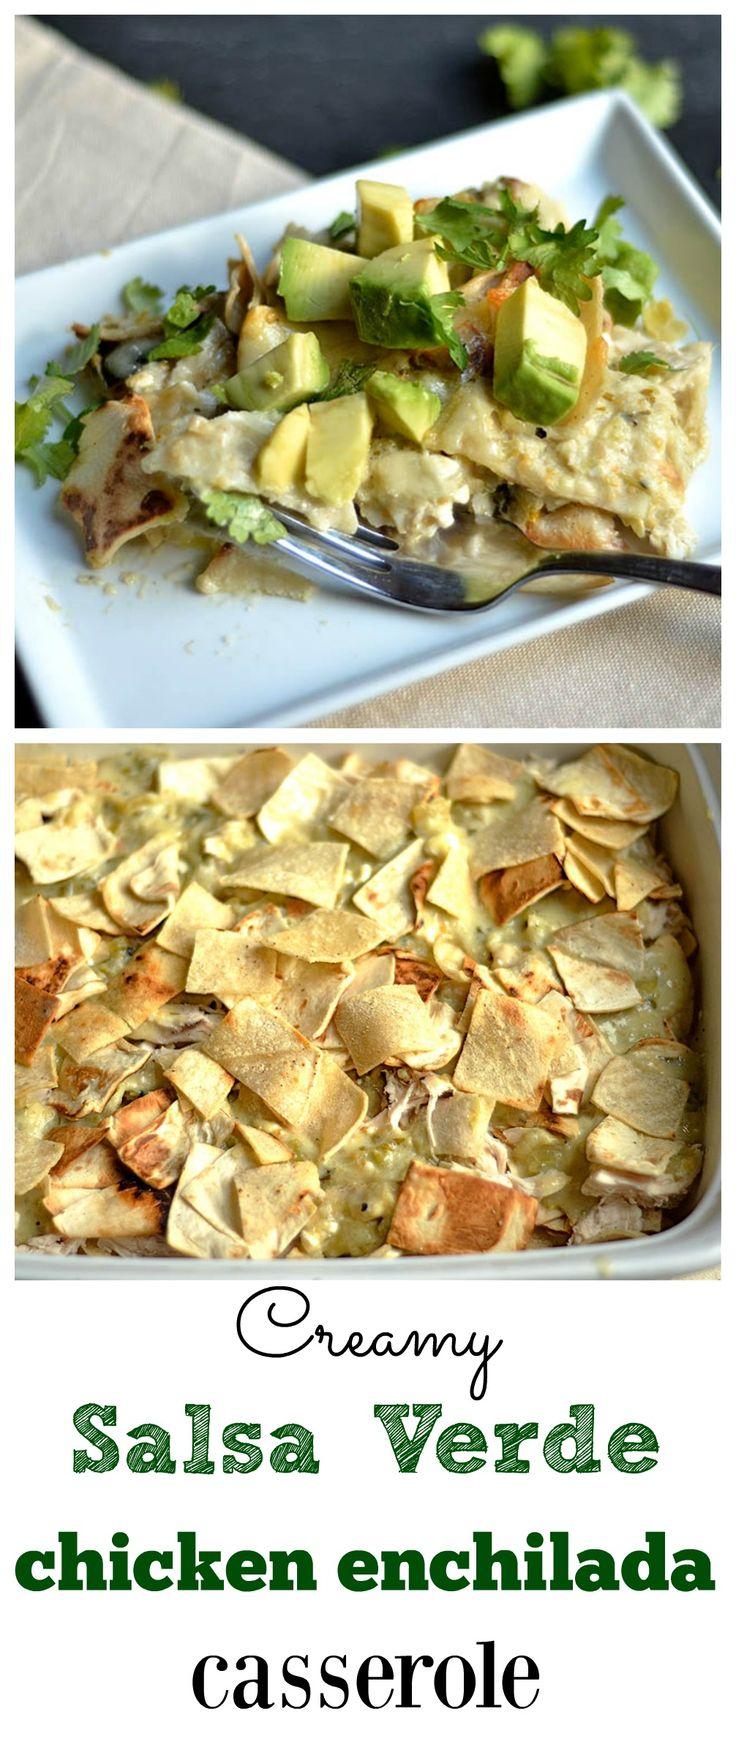 salsa verde tomatillo salsa verde this chicken salsa verde casserole ...